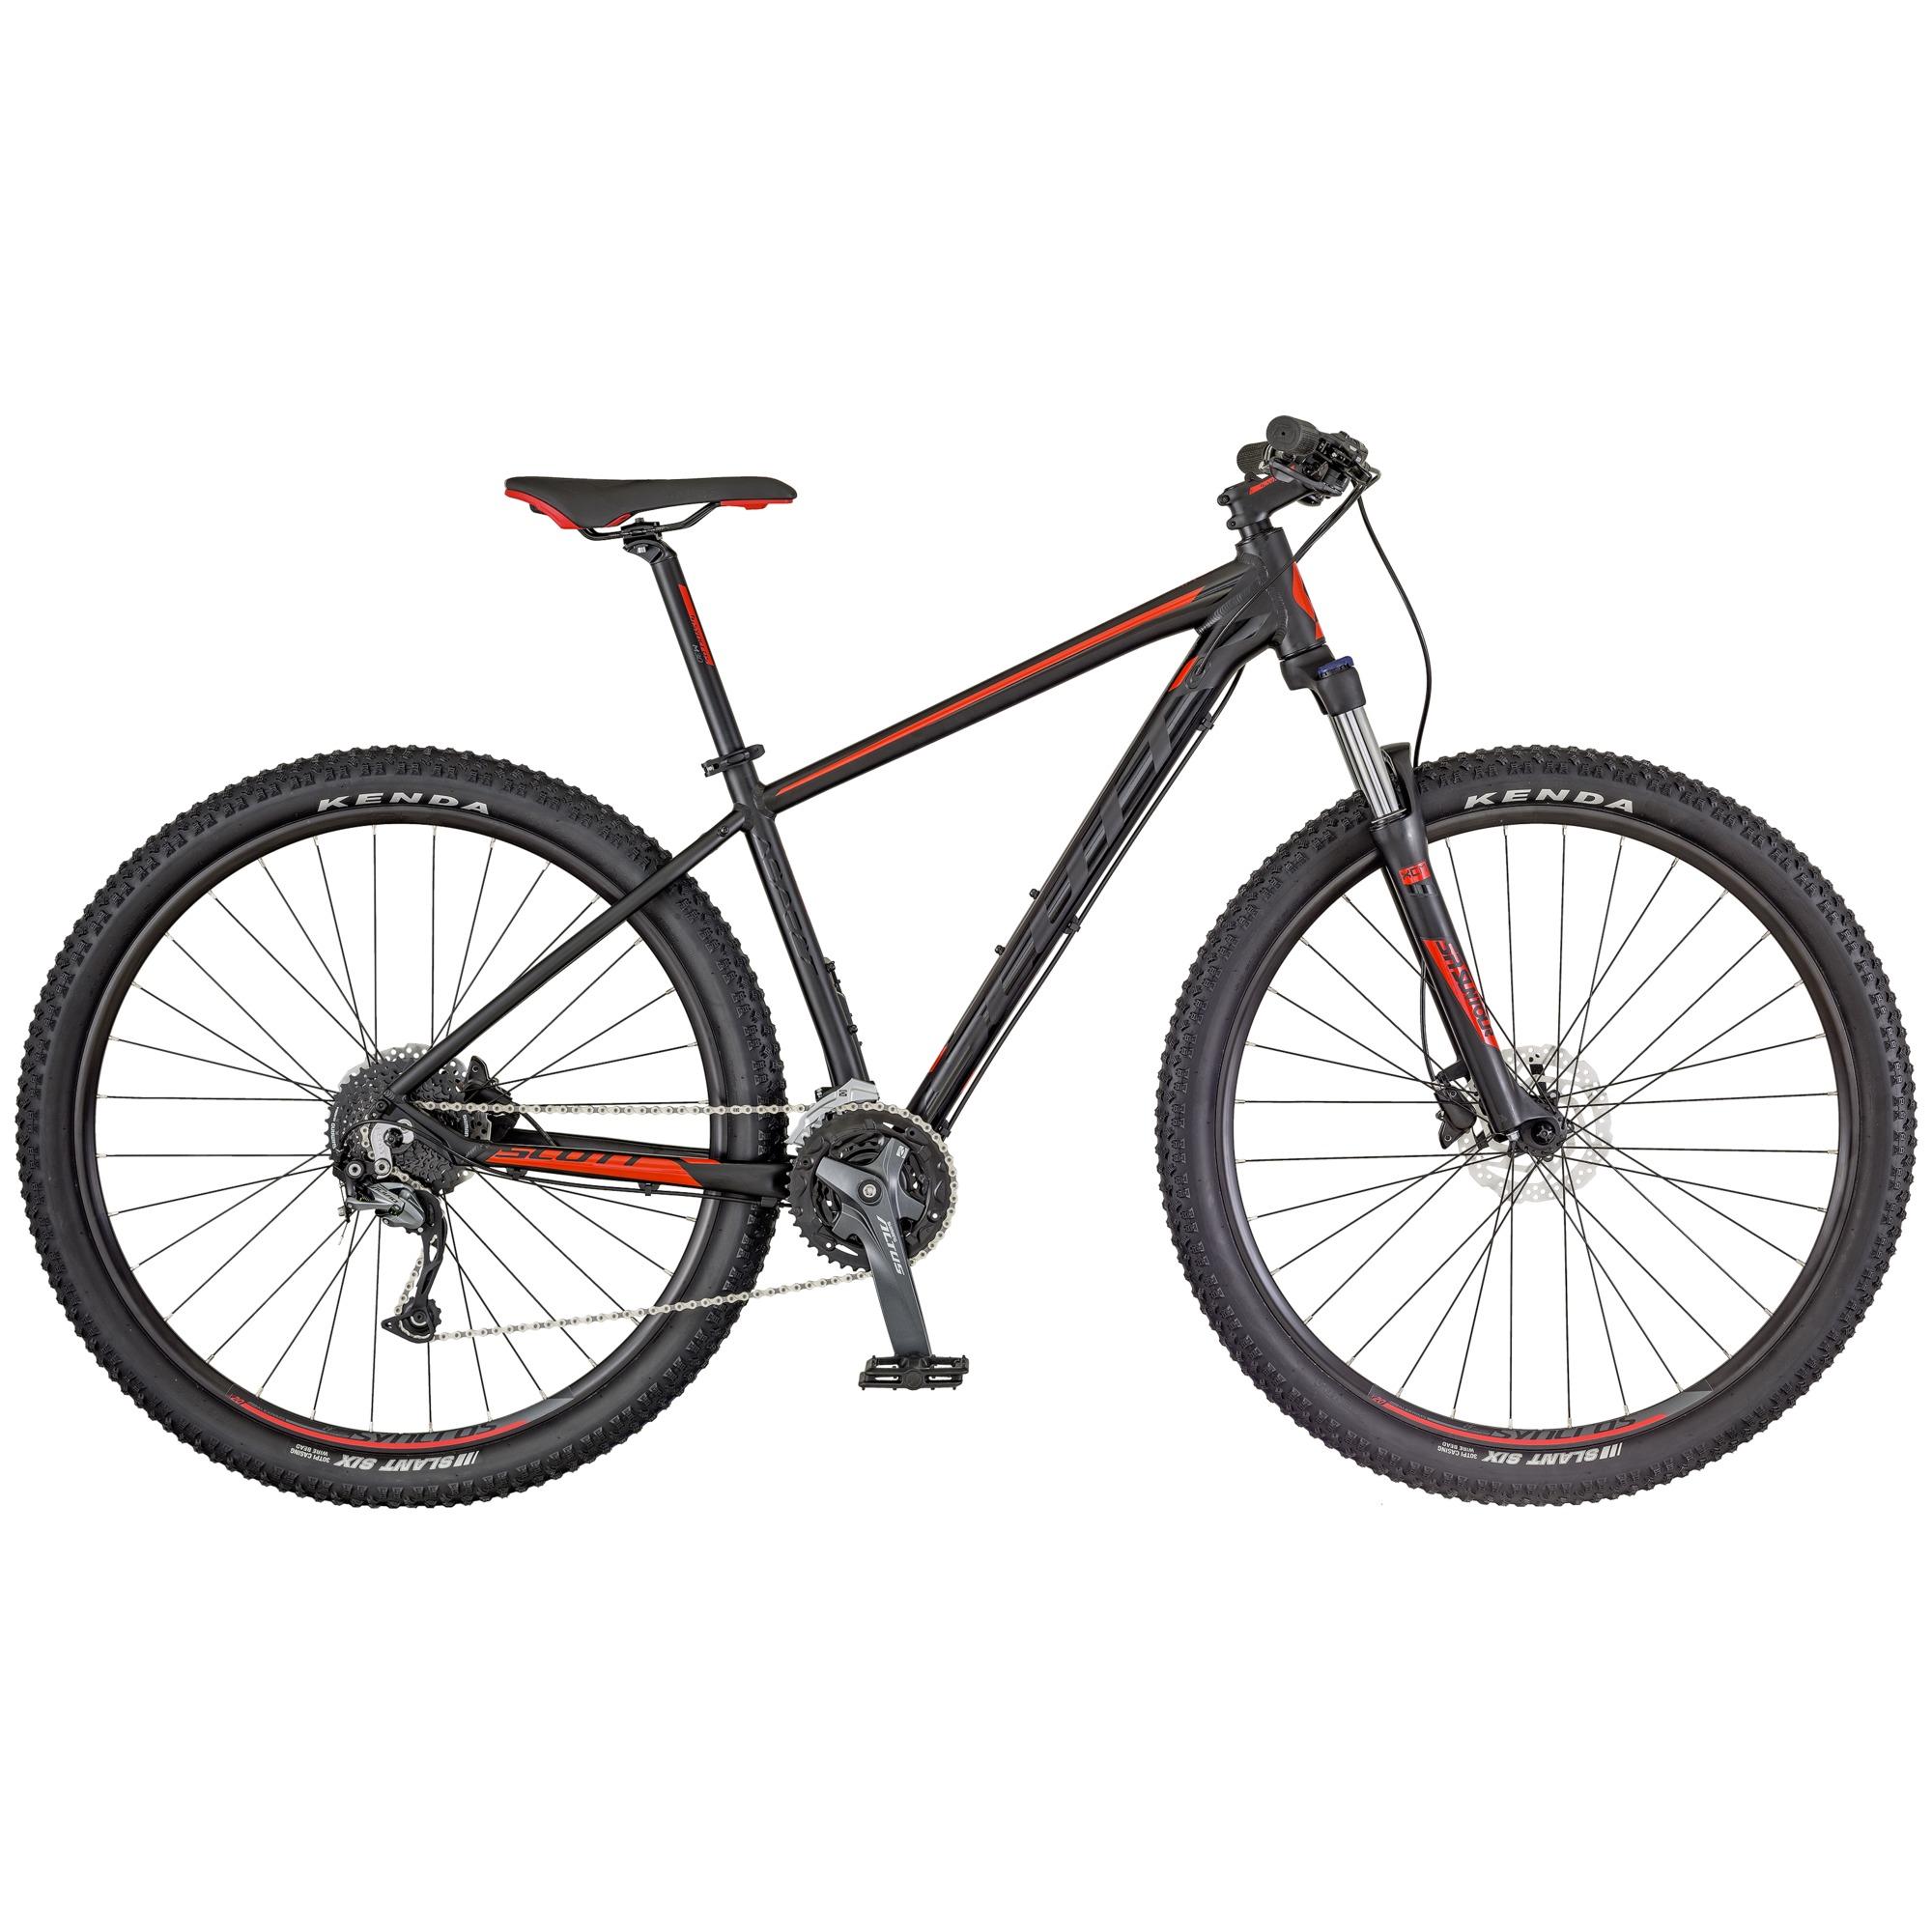 SCOTT Aspect 940 Bike schwarz/rot (KH) XL - Zweirad Homann